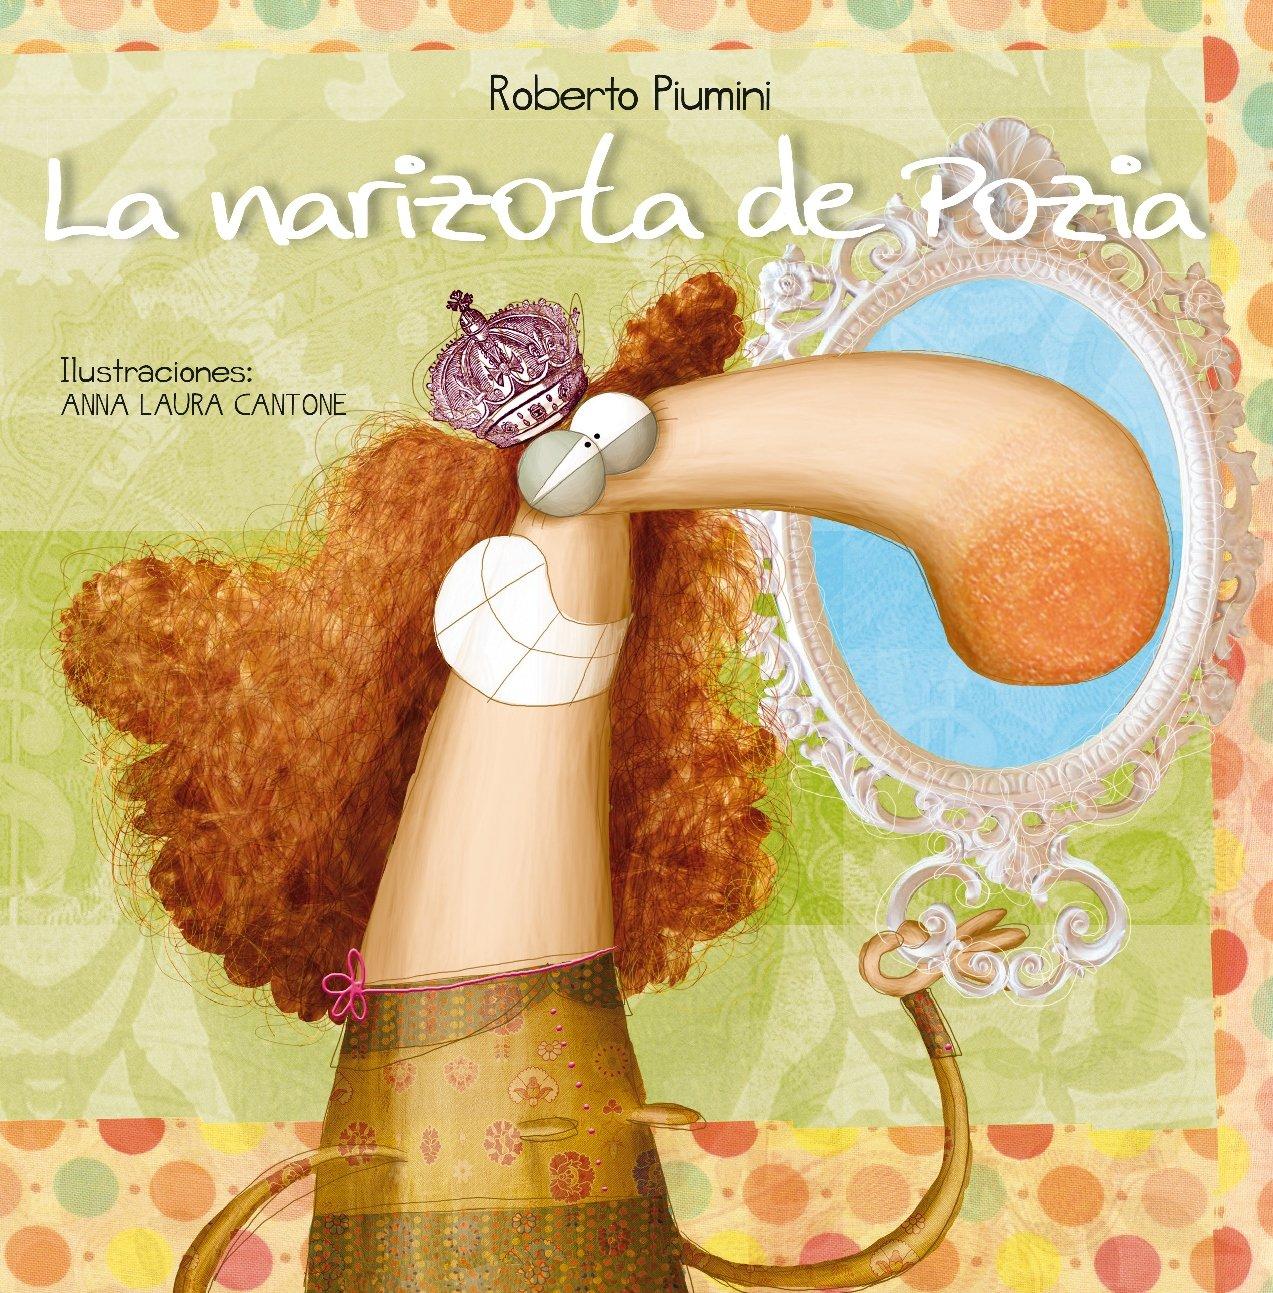 La narizota de Pozia (Spanish Edition) PDF